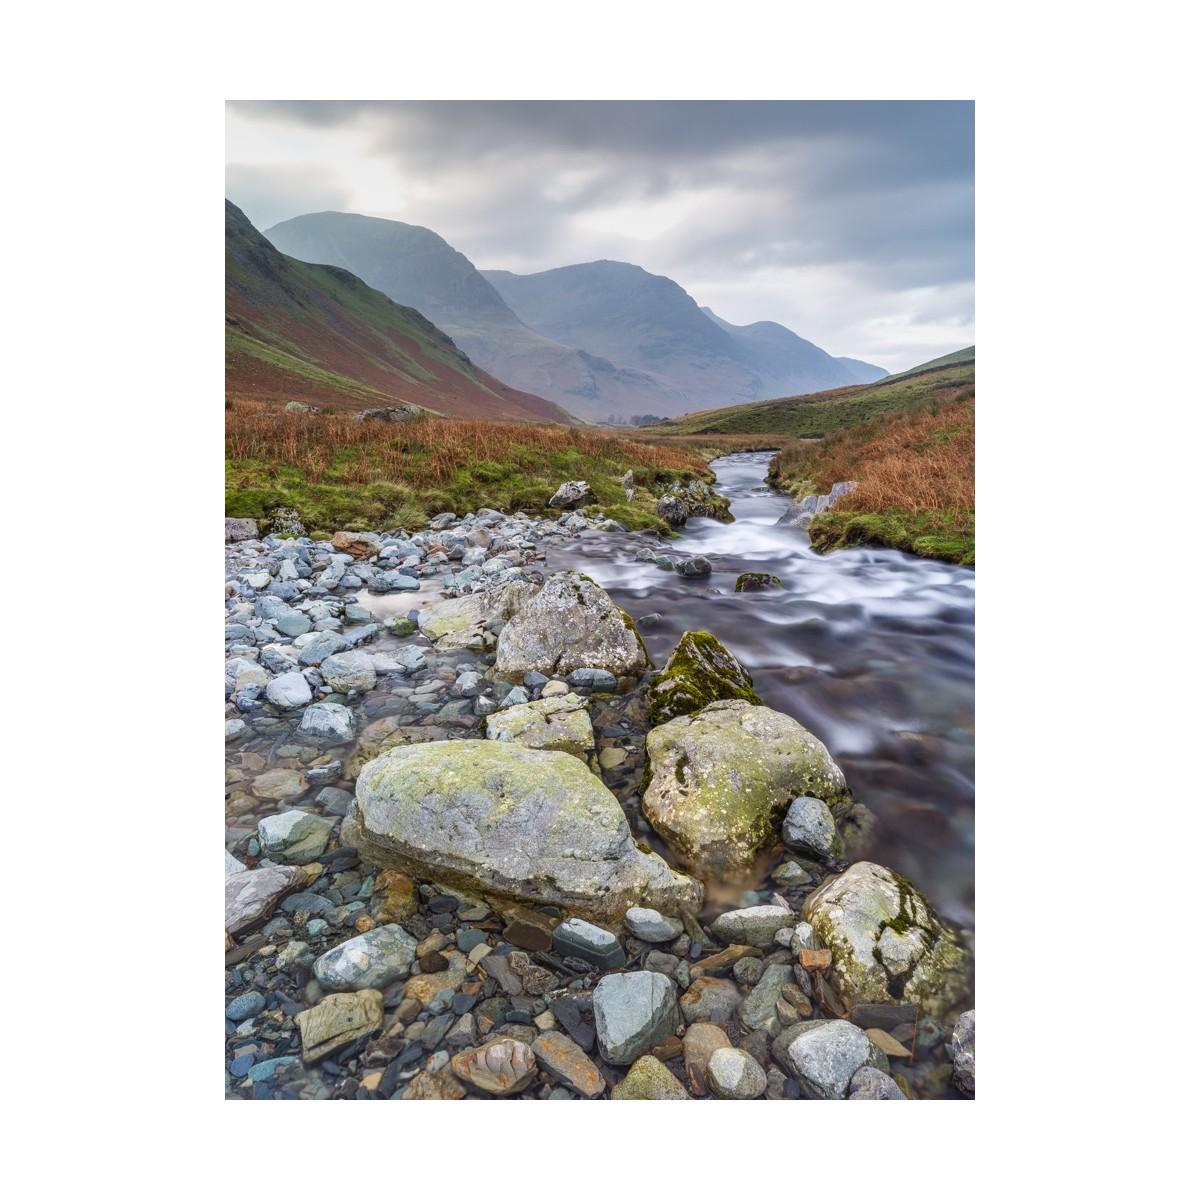 Honister Pass Stream